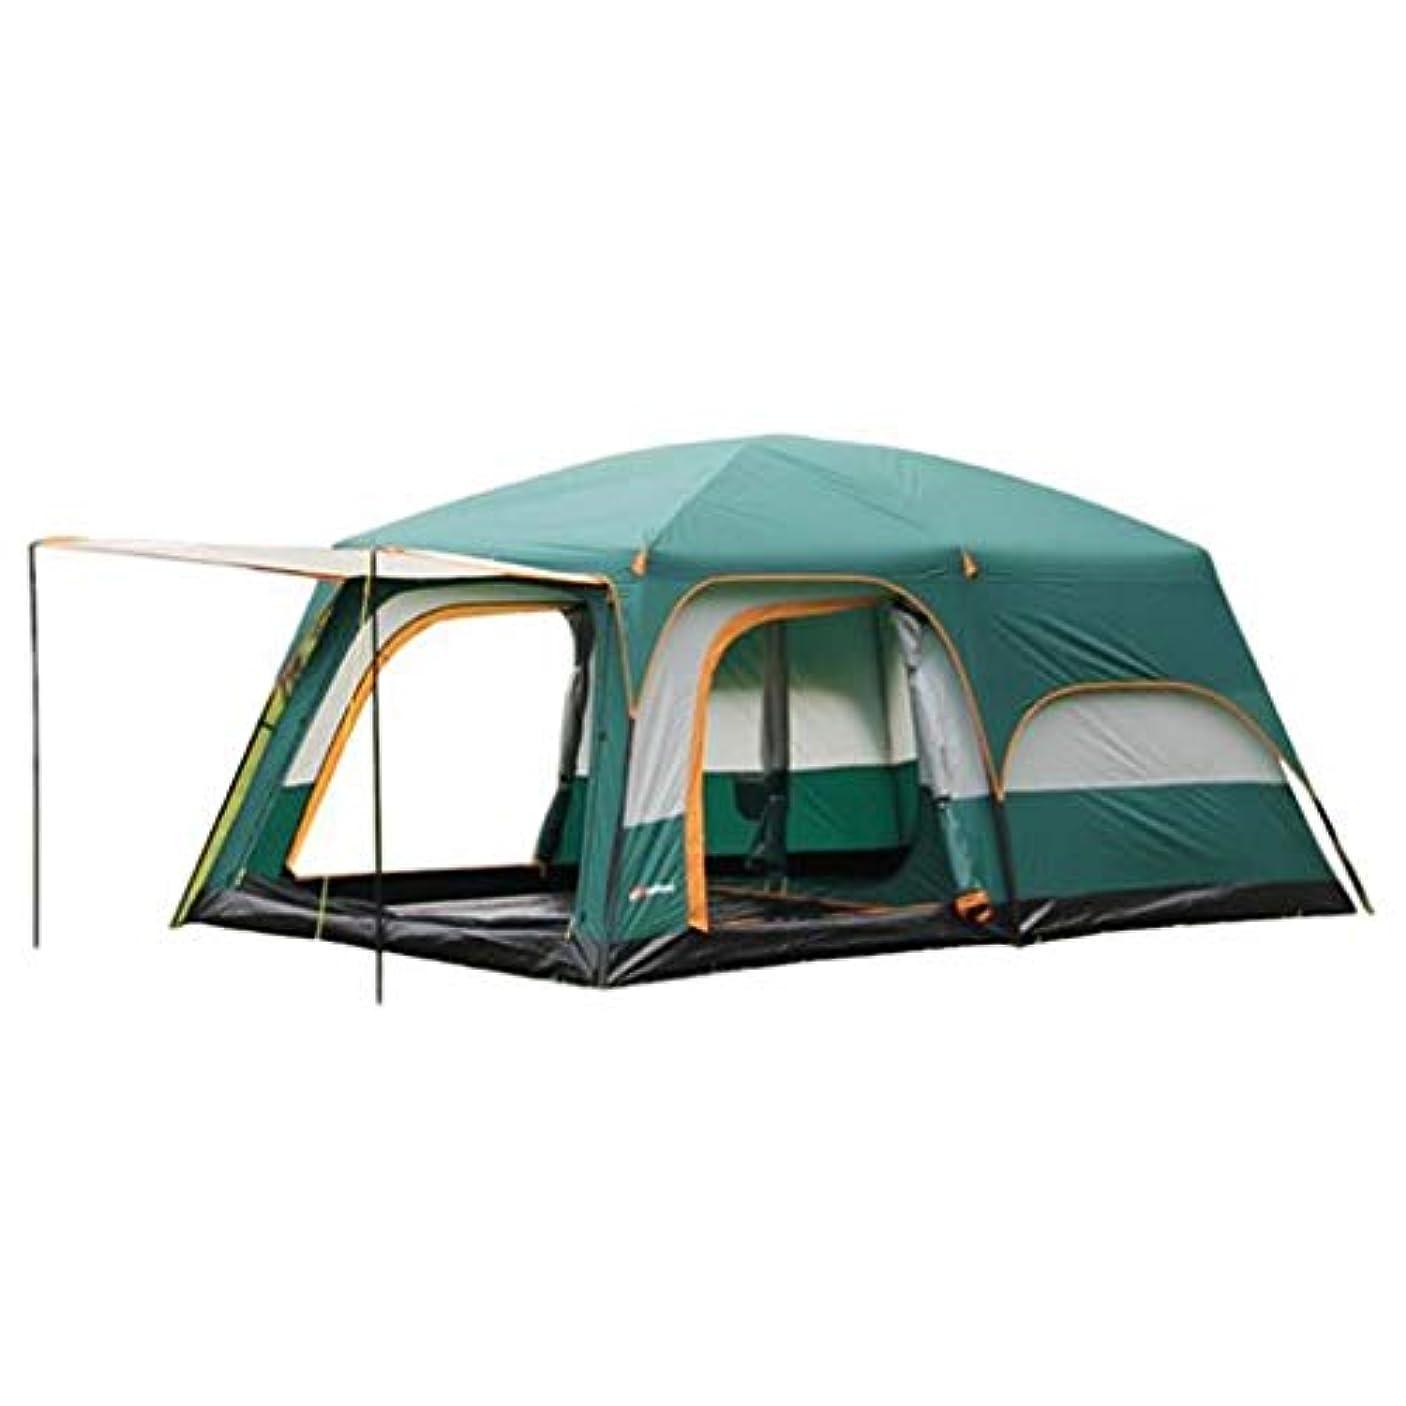 小間同化する同情的クイックシェード シェード テント キャンプサンシェルター、キャリングバッグ付きビーチ用防水X-ラージポータブル8人サンシェードインスタントテント、釣りハイキング用アンチUV